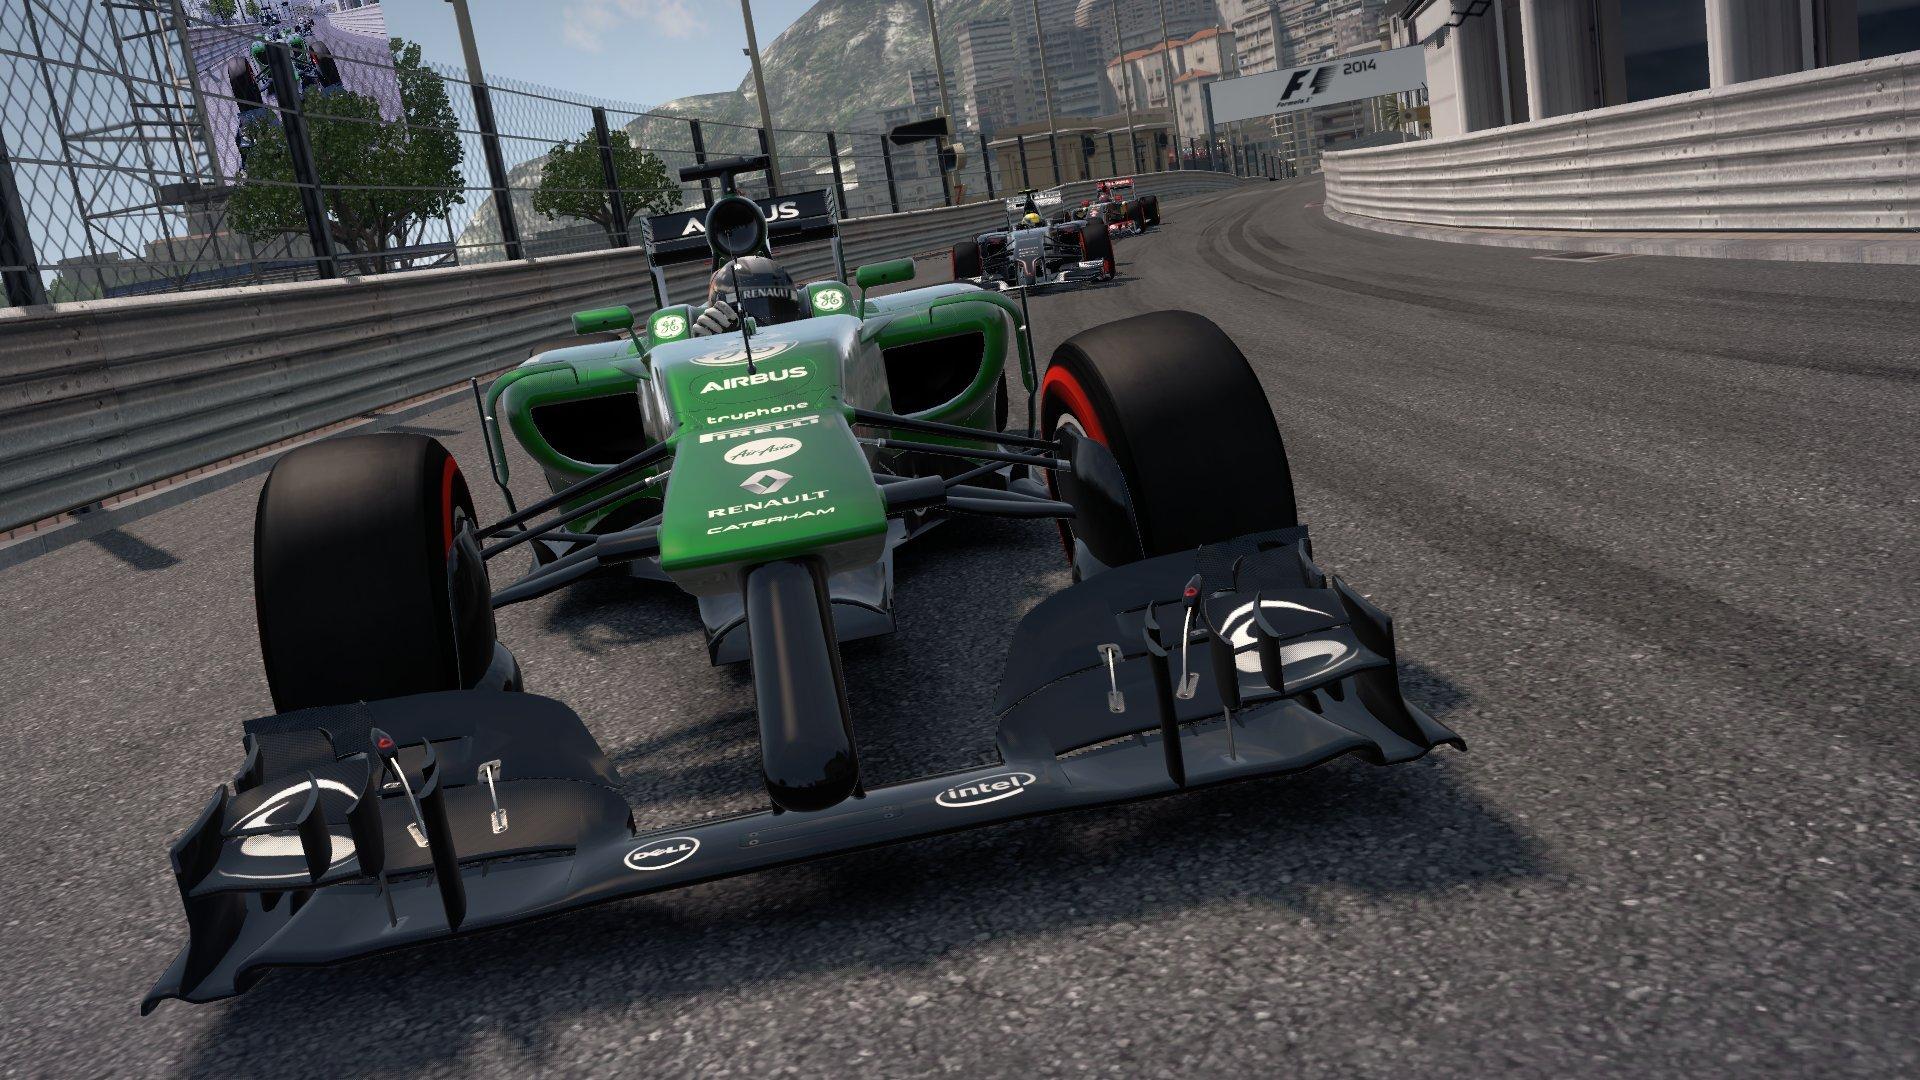 F1 2014 (Formula 1) - PlayStation 3 by Bandai (Image #11)